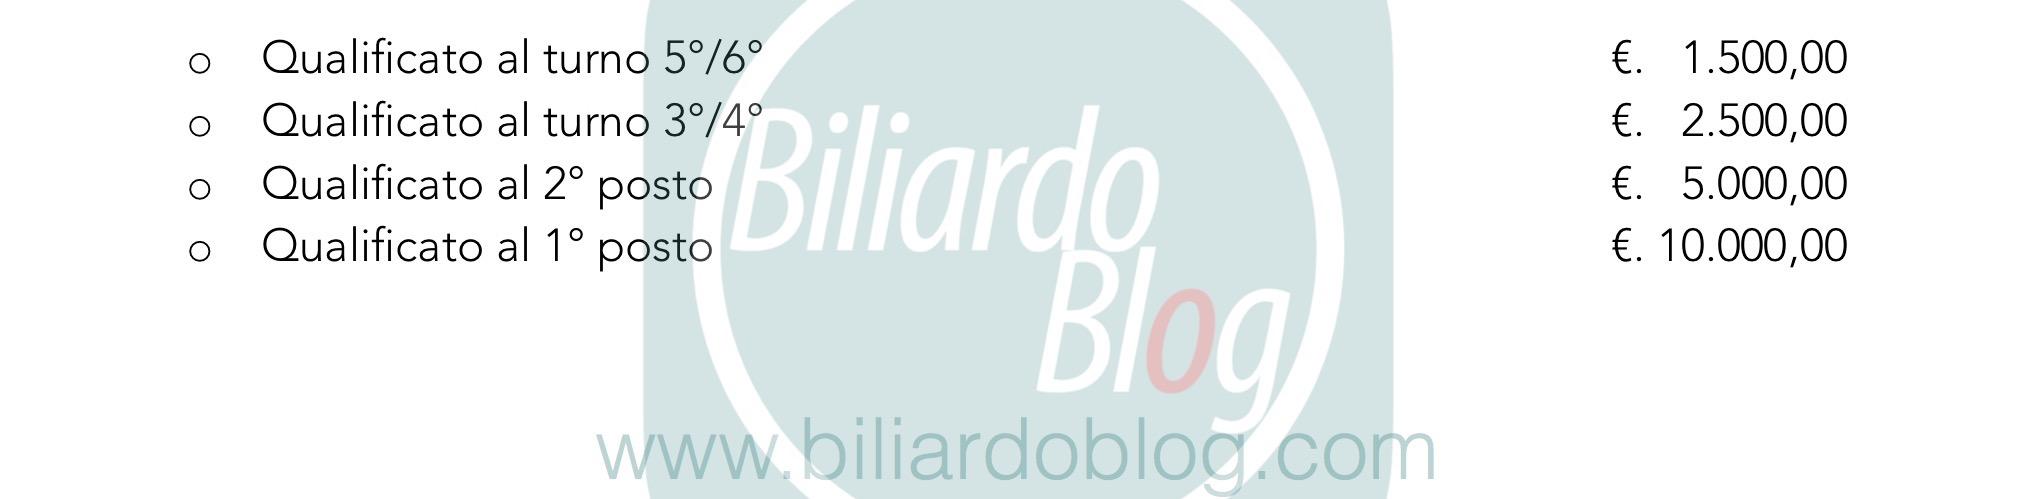 Montepremi Campionato Italiano Biliardo Pro